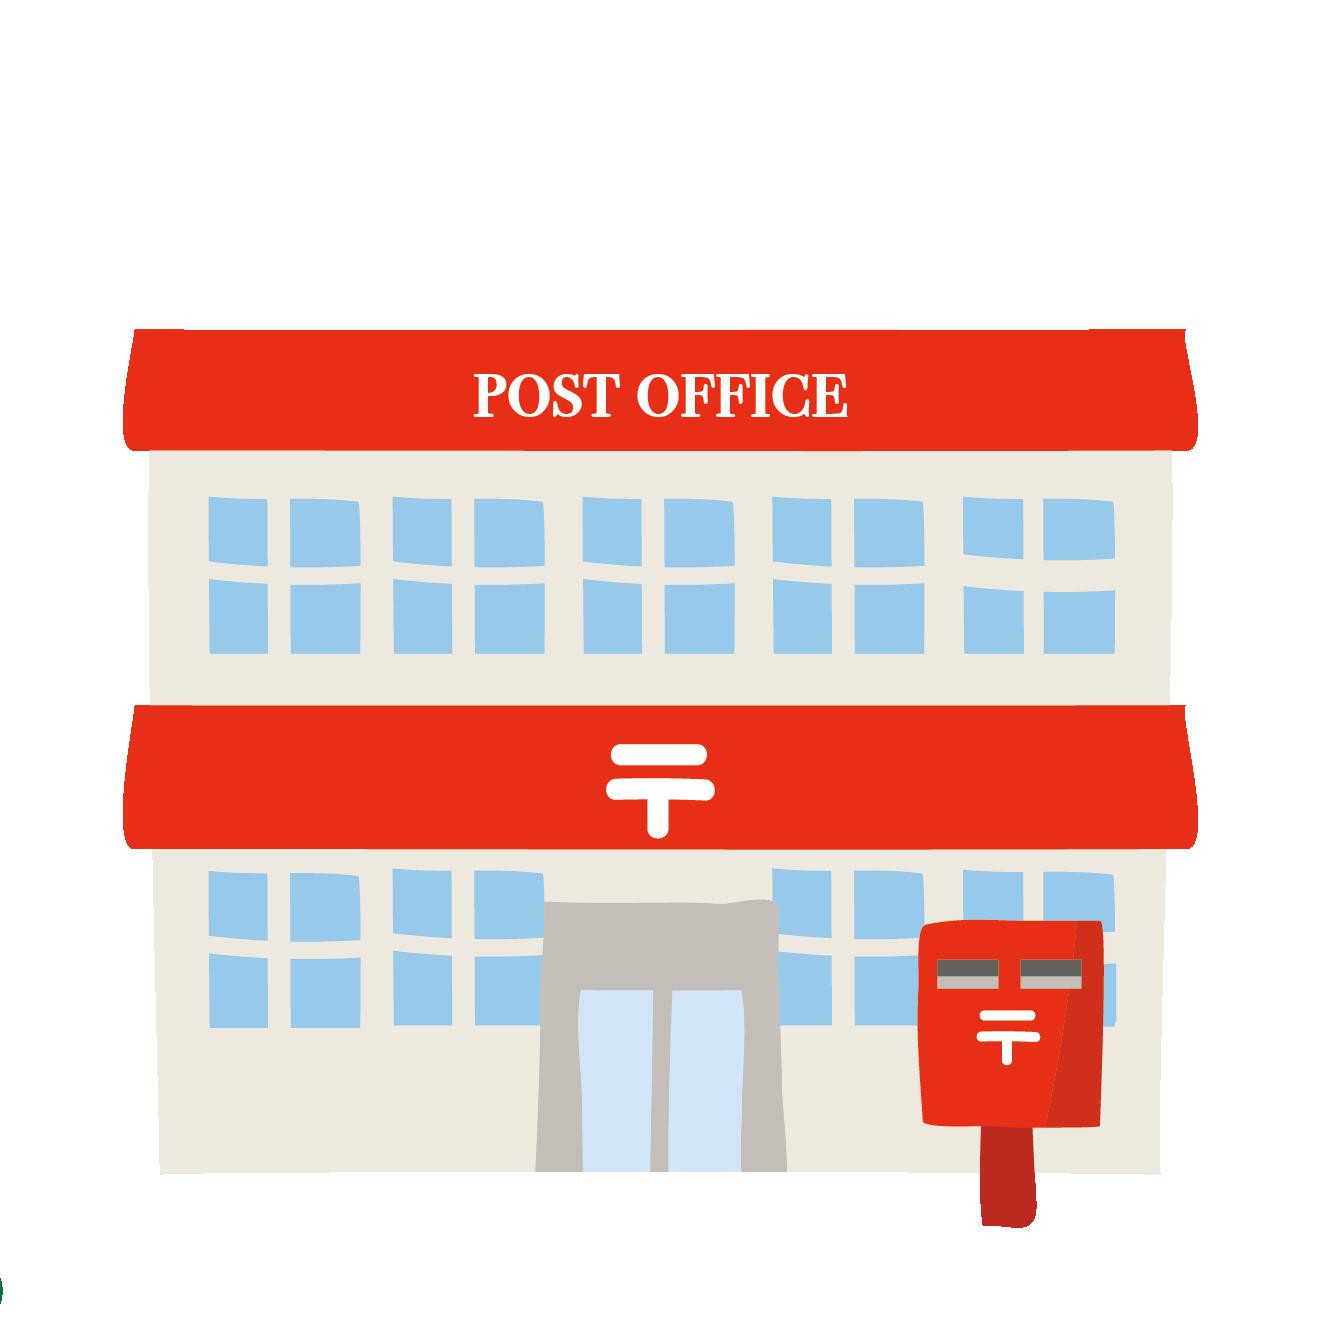 町の郵便局(ゆうびんきょく)のイラスト | 商用フリー(無料)の